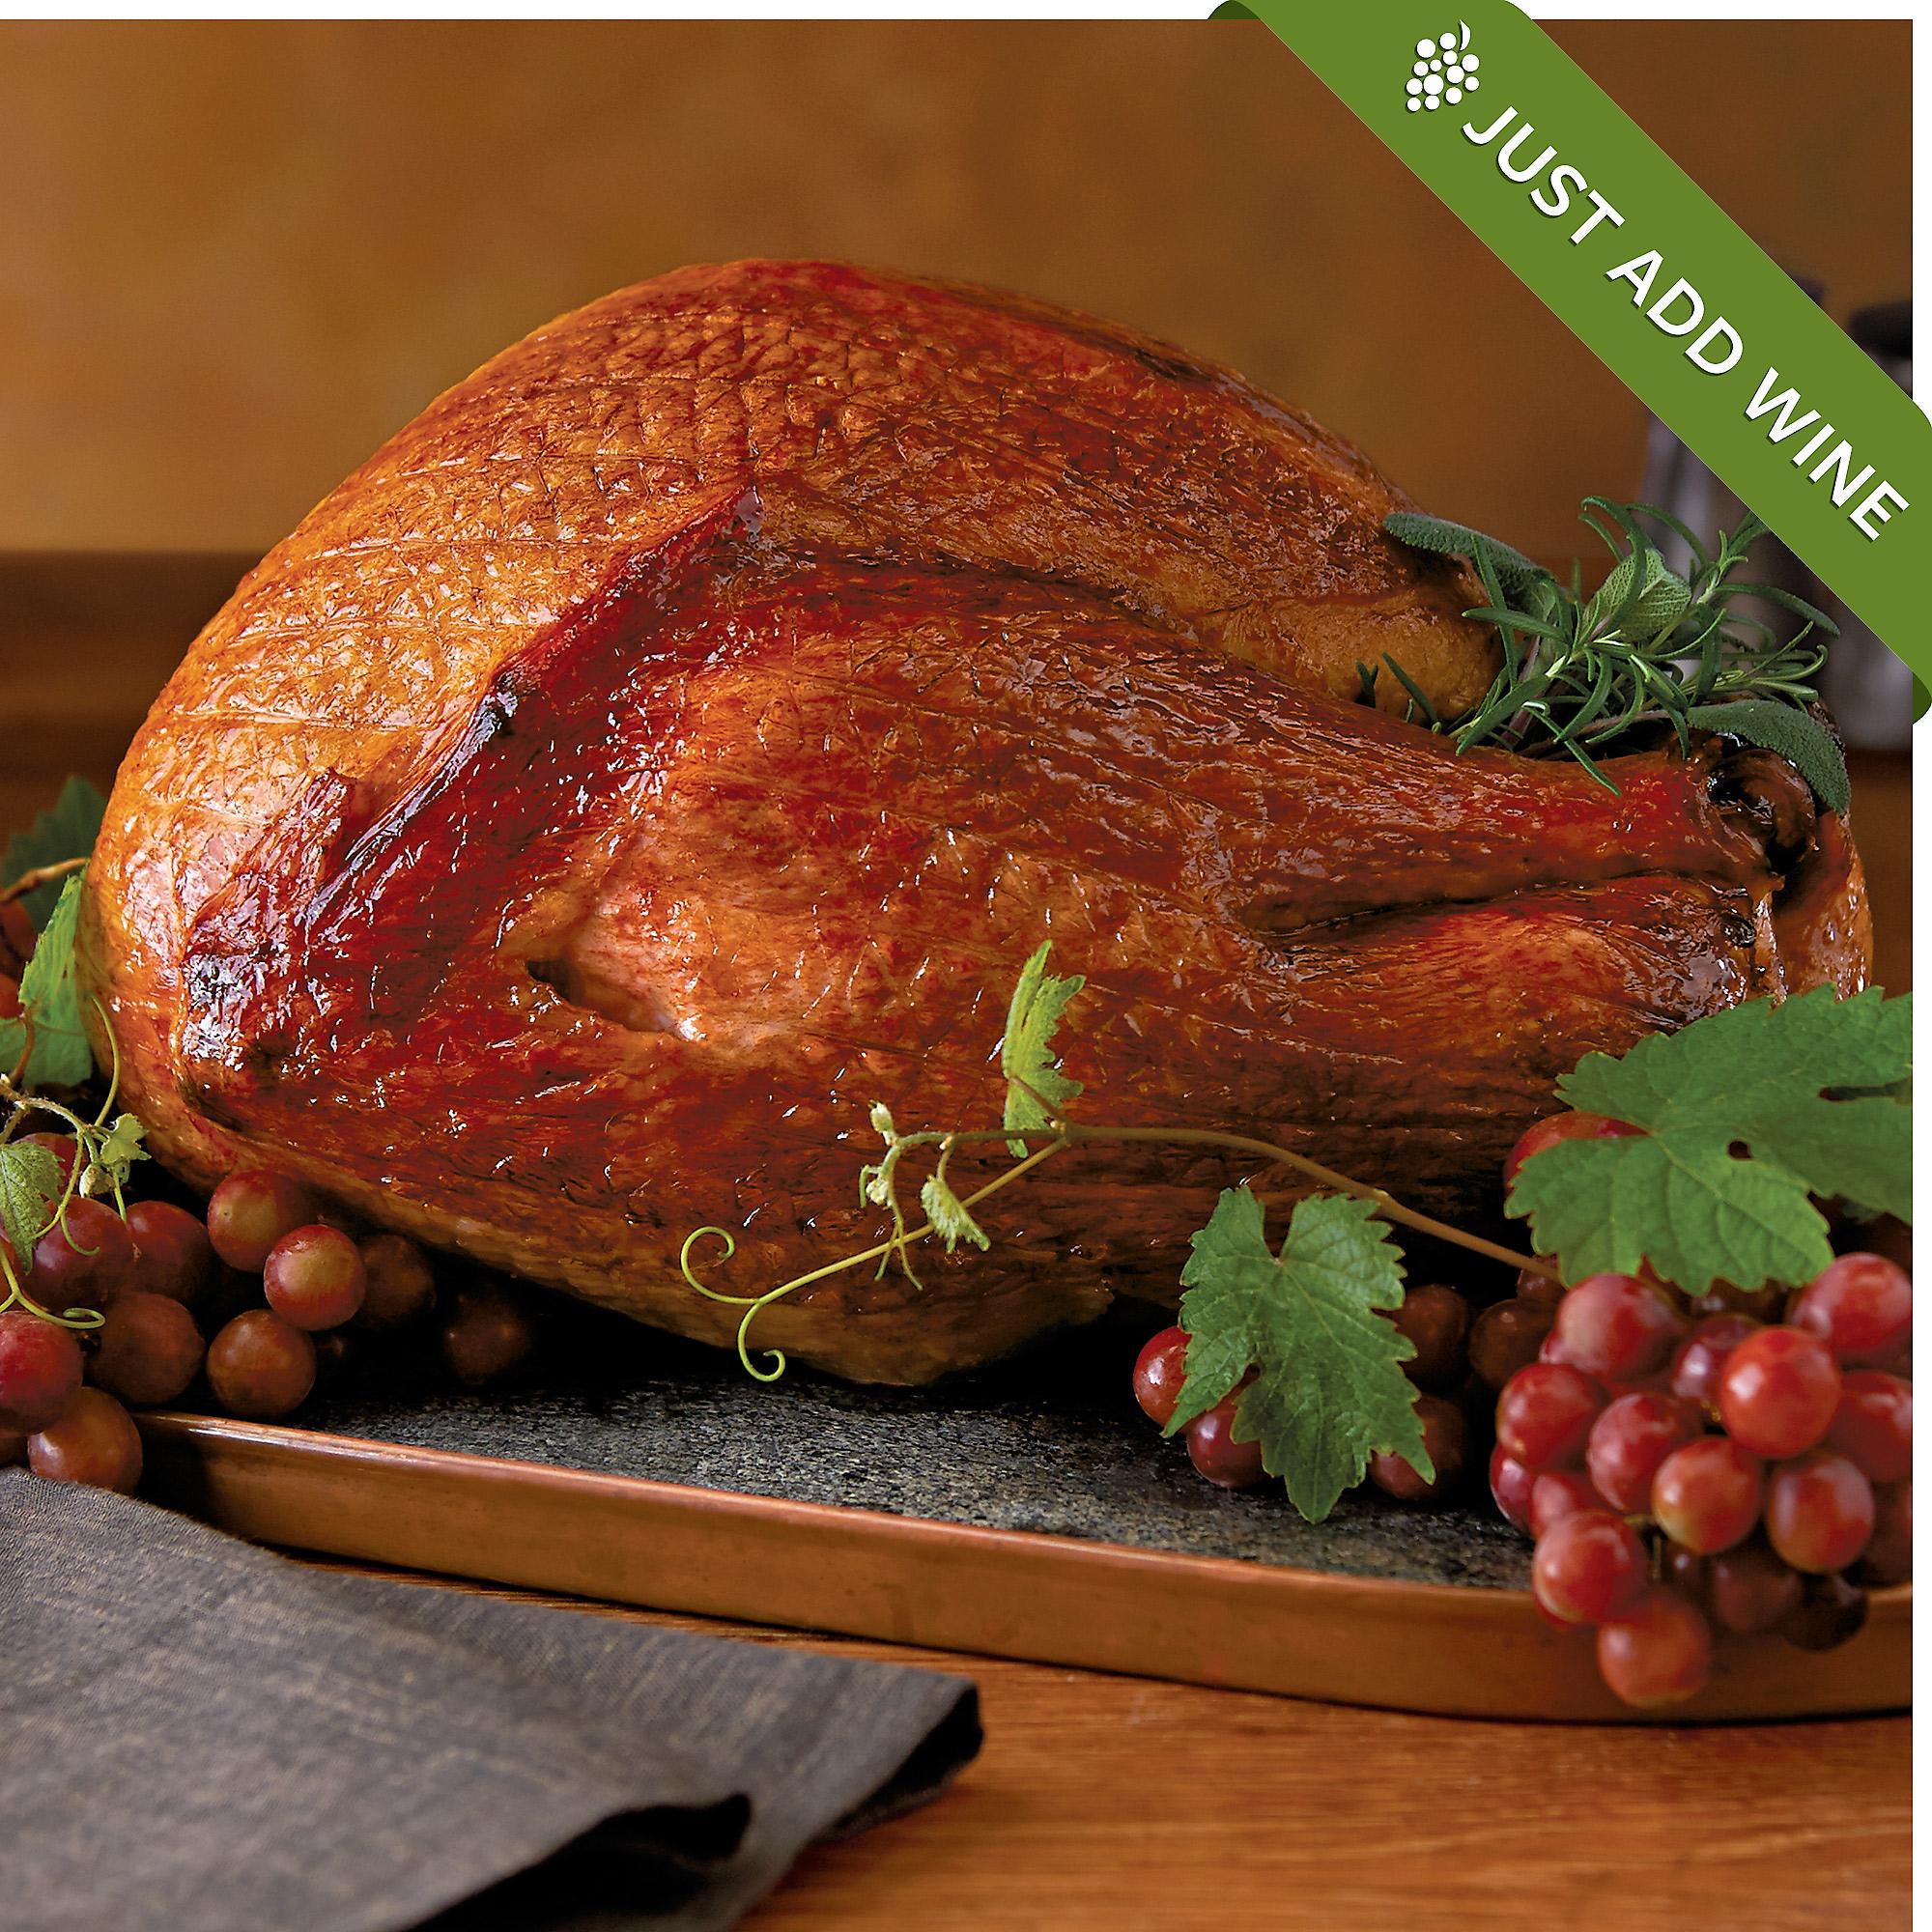 Oven Oven Roasted Turkey